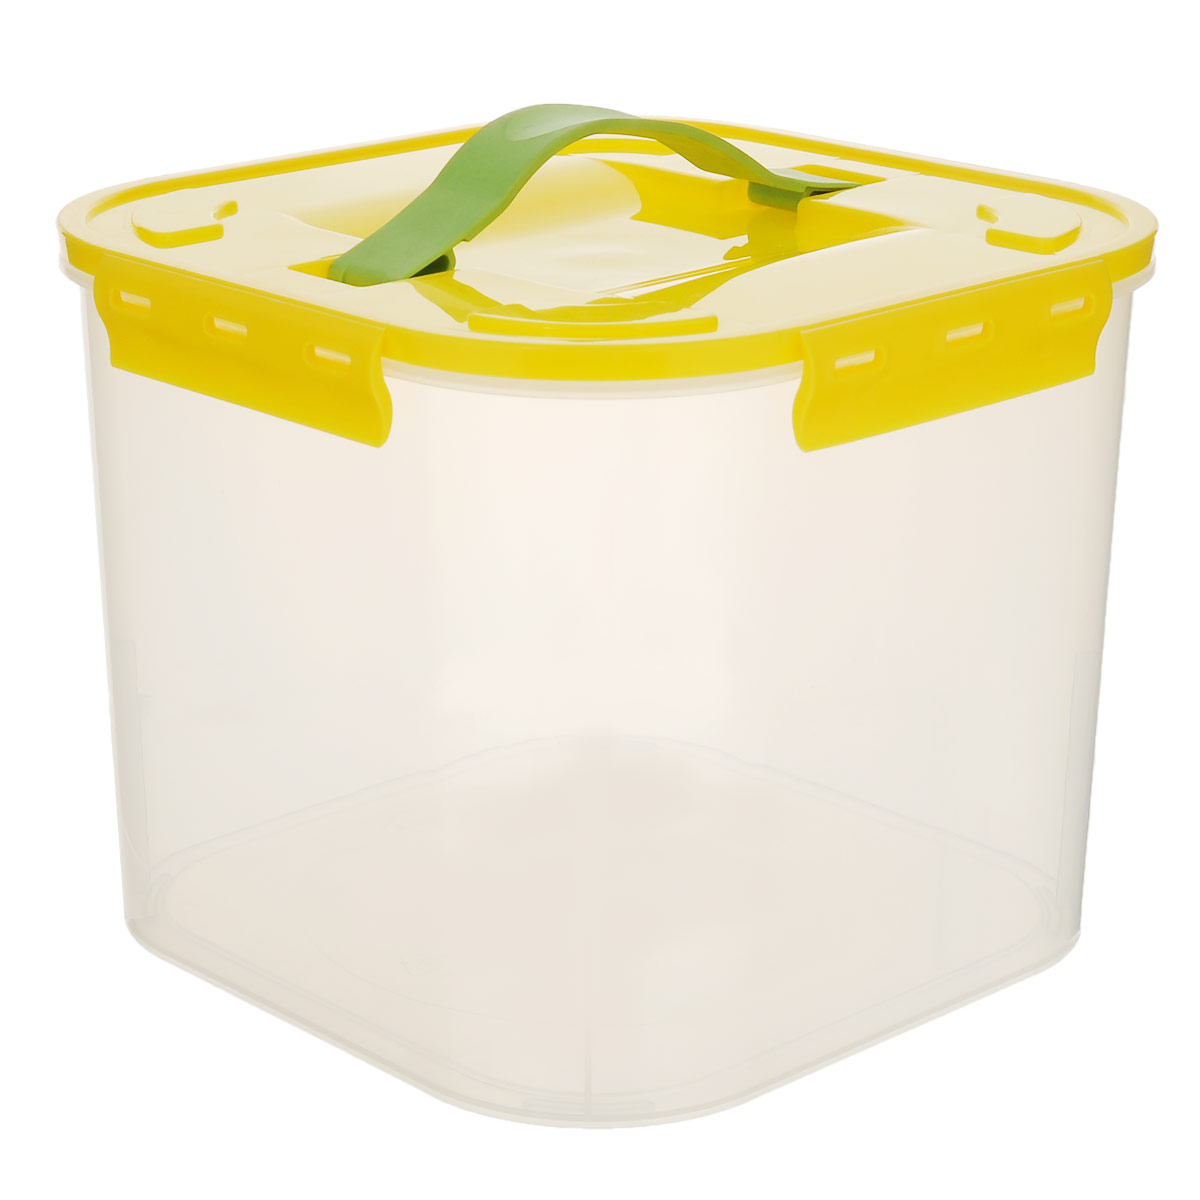 Контейнер для хранения Idea, цвет: желтый, прозрачный, 7 лRG-D31SКонтейнер для хранения Idea выполнен из прозрачного пластика. Контейнер идеально подойдет для хранения пищевых продуктов, а также любых мелких бытовых предметов: канцелярии, принадлежностей для шитья и т.д. Контейнер плотно закрывается цветной крышкой с 4 защелками. Для удобства переноски сверху имеется ручка, выполненная из термоэластопласта. Контейнер Idea очень вместителен, он пригодится в любом хозяйстве.